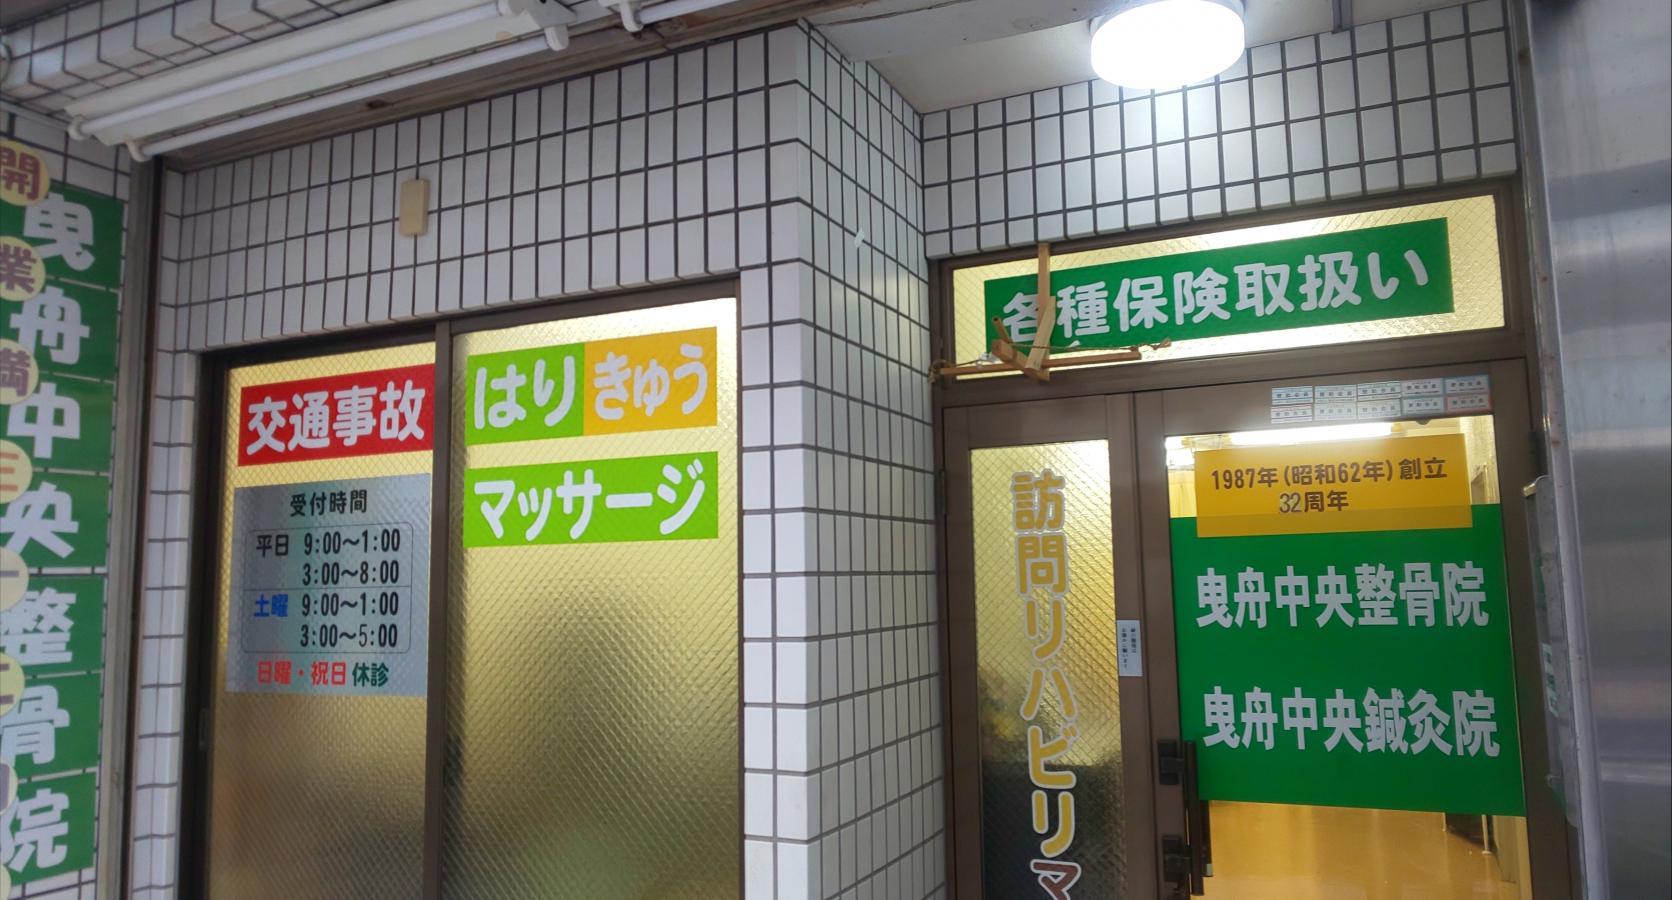 墨田区京島 曳舟中央整骨院